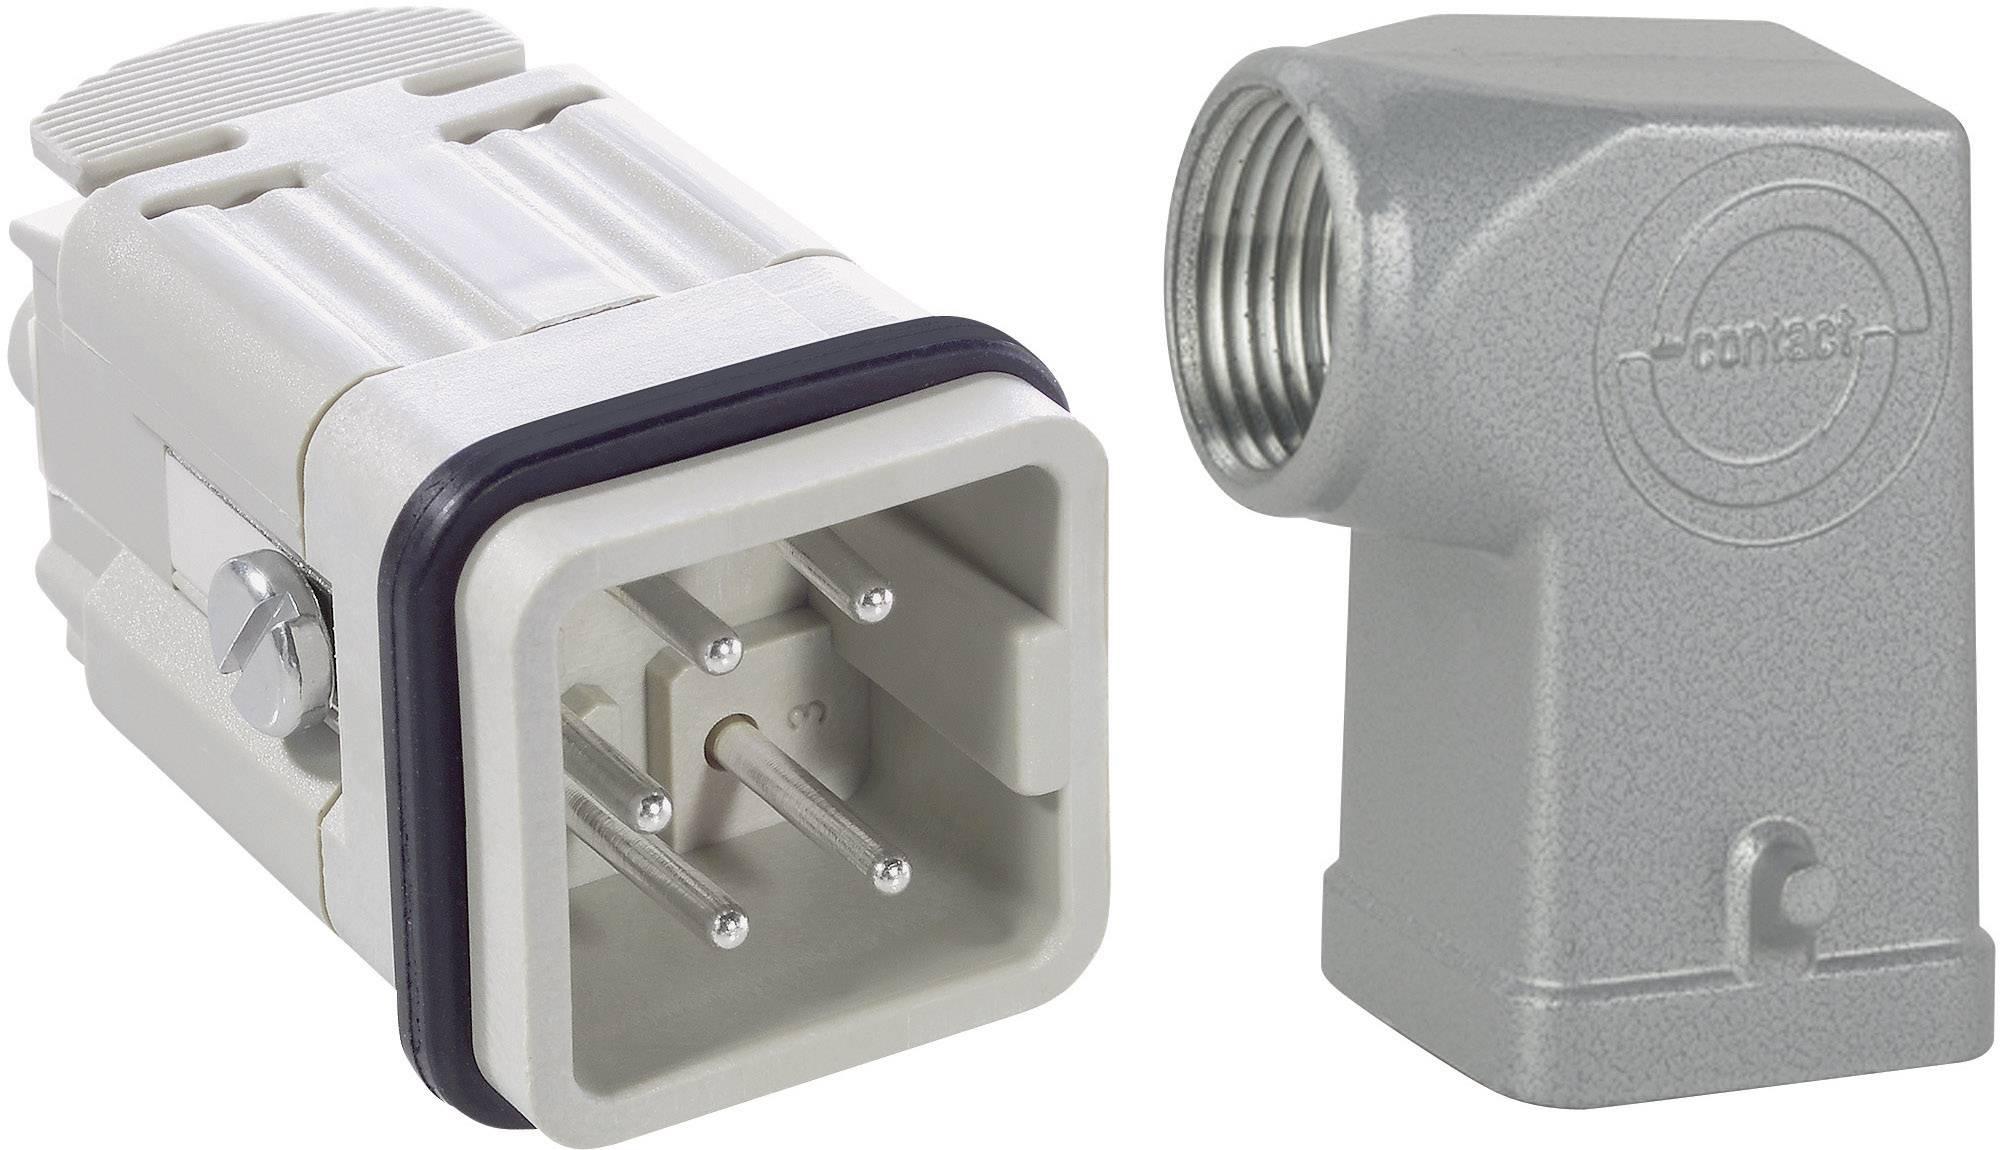 Sada konektorů EPIC®KIT H-A 4 75009616 LAPP 4 + PE šroubovací 1 sada